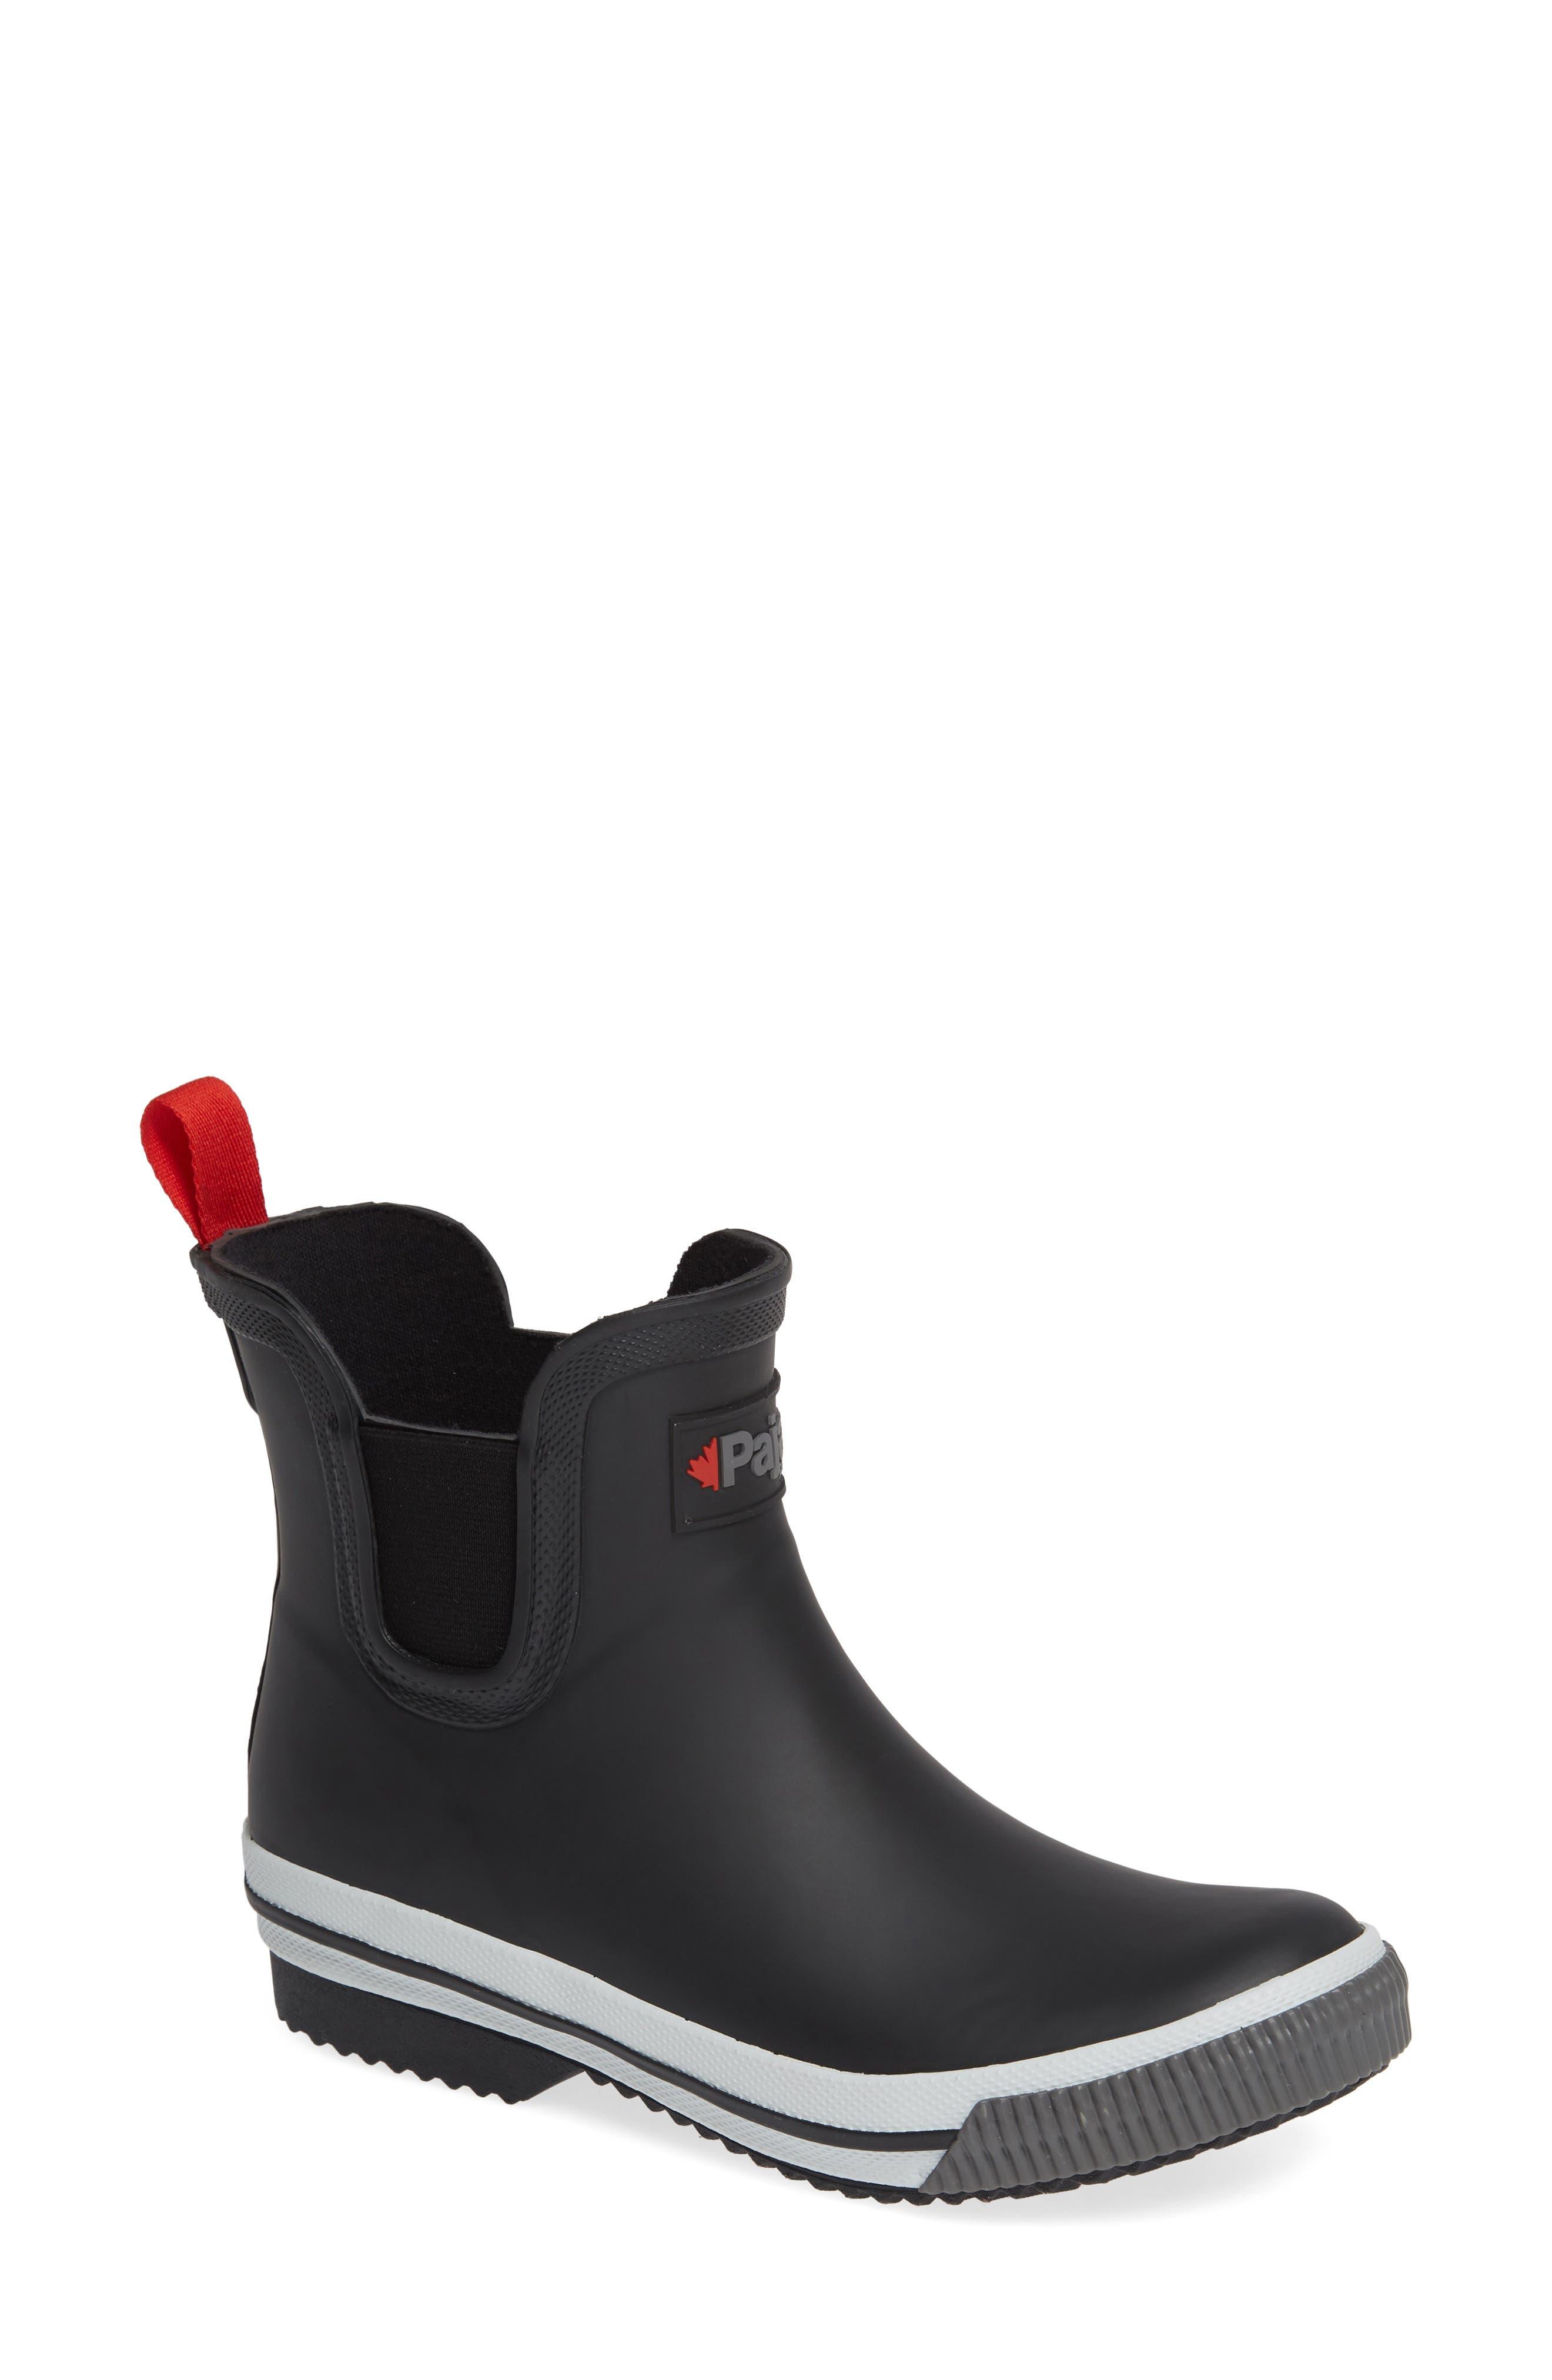 PAJAR Tina Waterproof Chelsea Rain Boot in Black